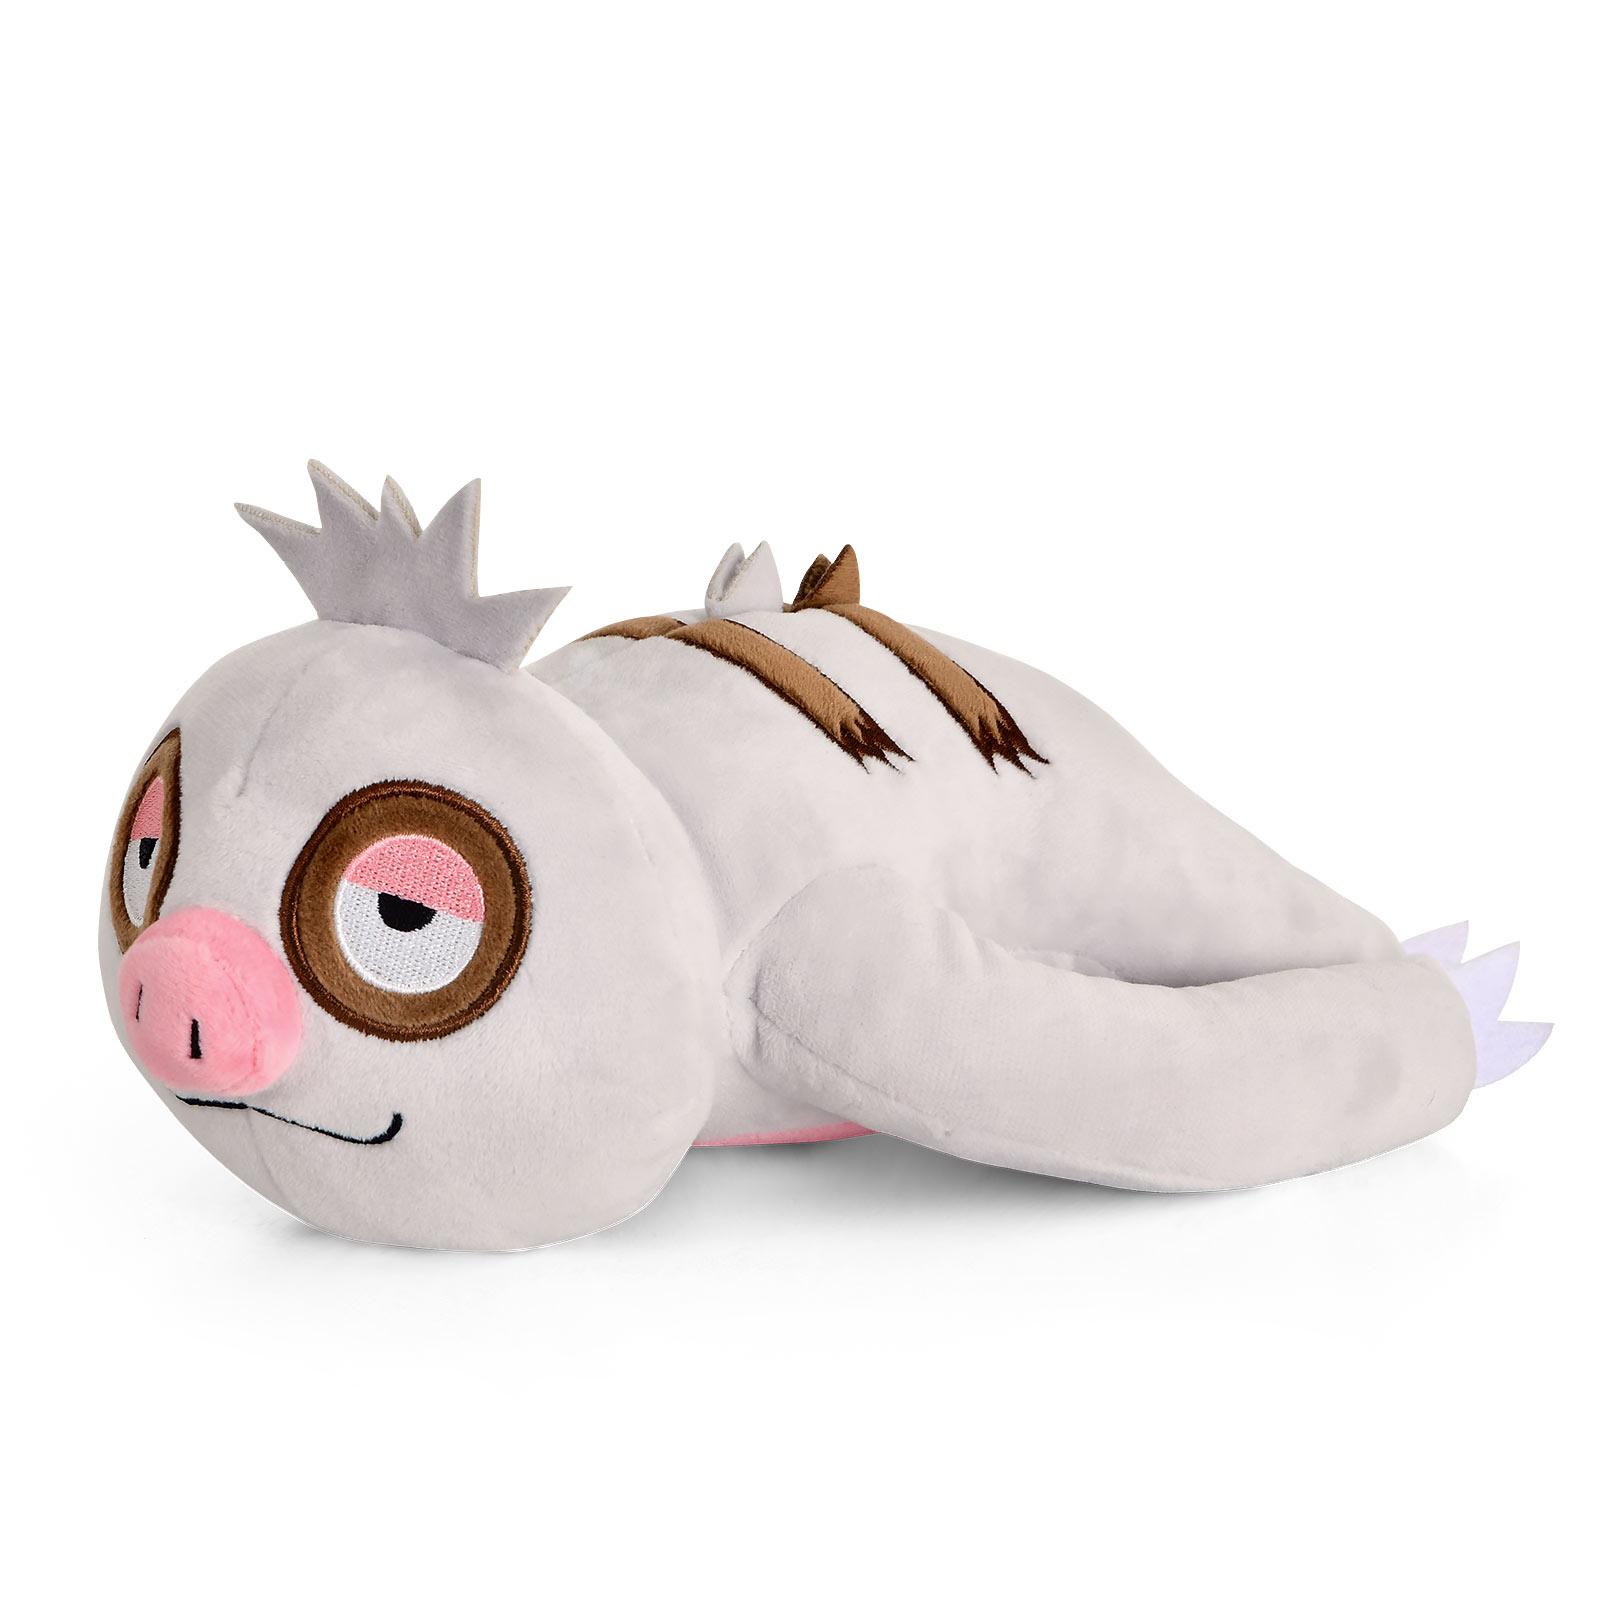 Pokemon - Bummelz Plüsch Figur 26 cm